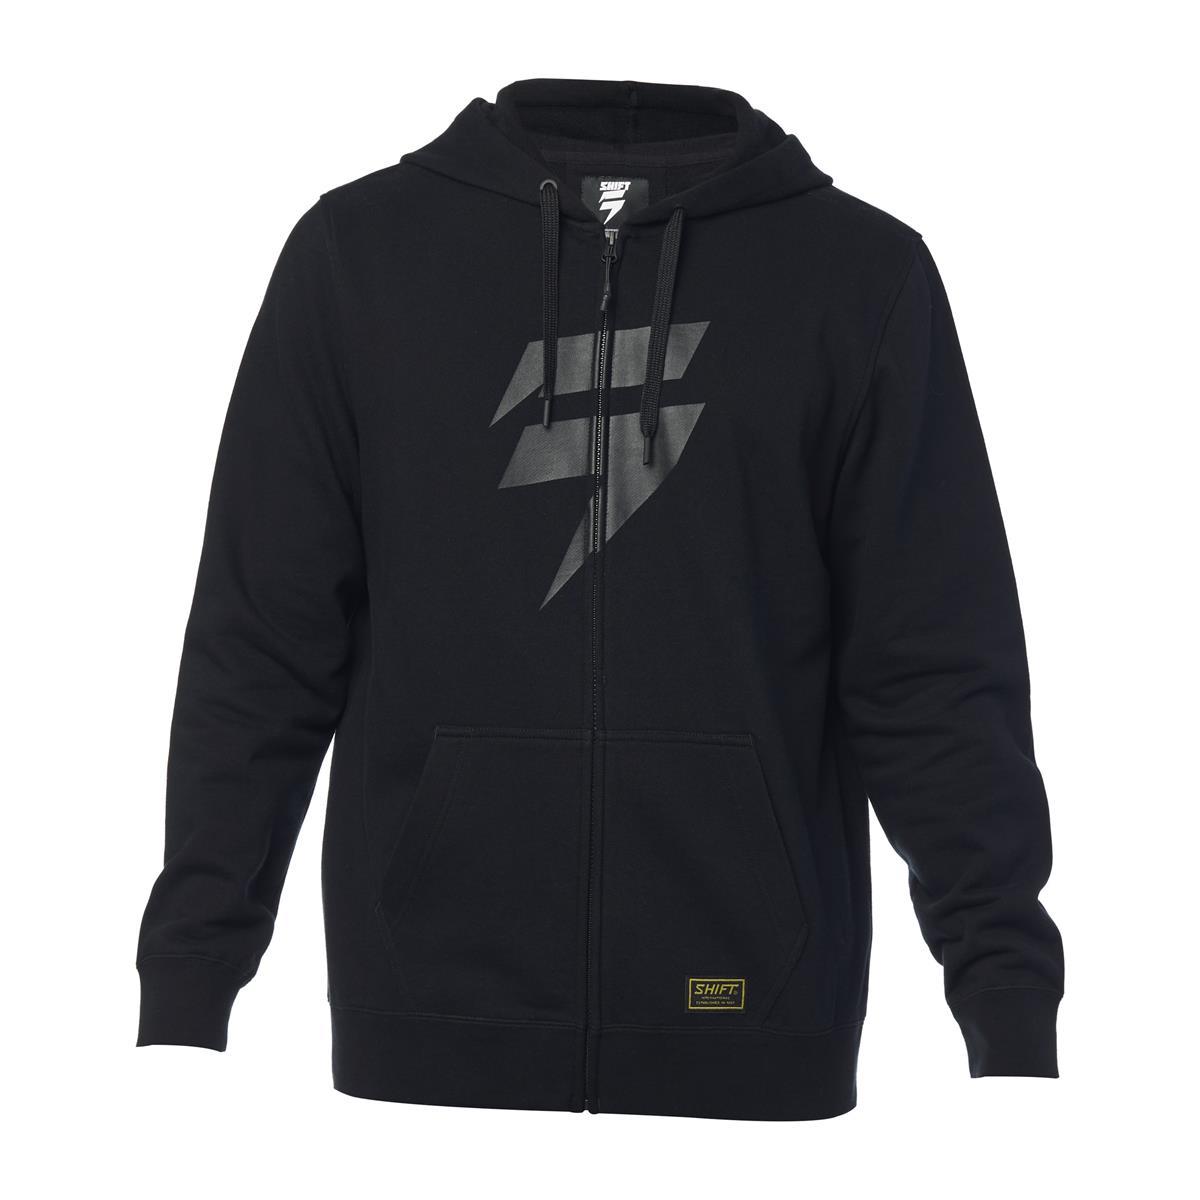 Shift Fleece Zip-Hoody Corp Schwarz